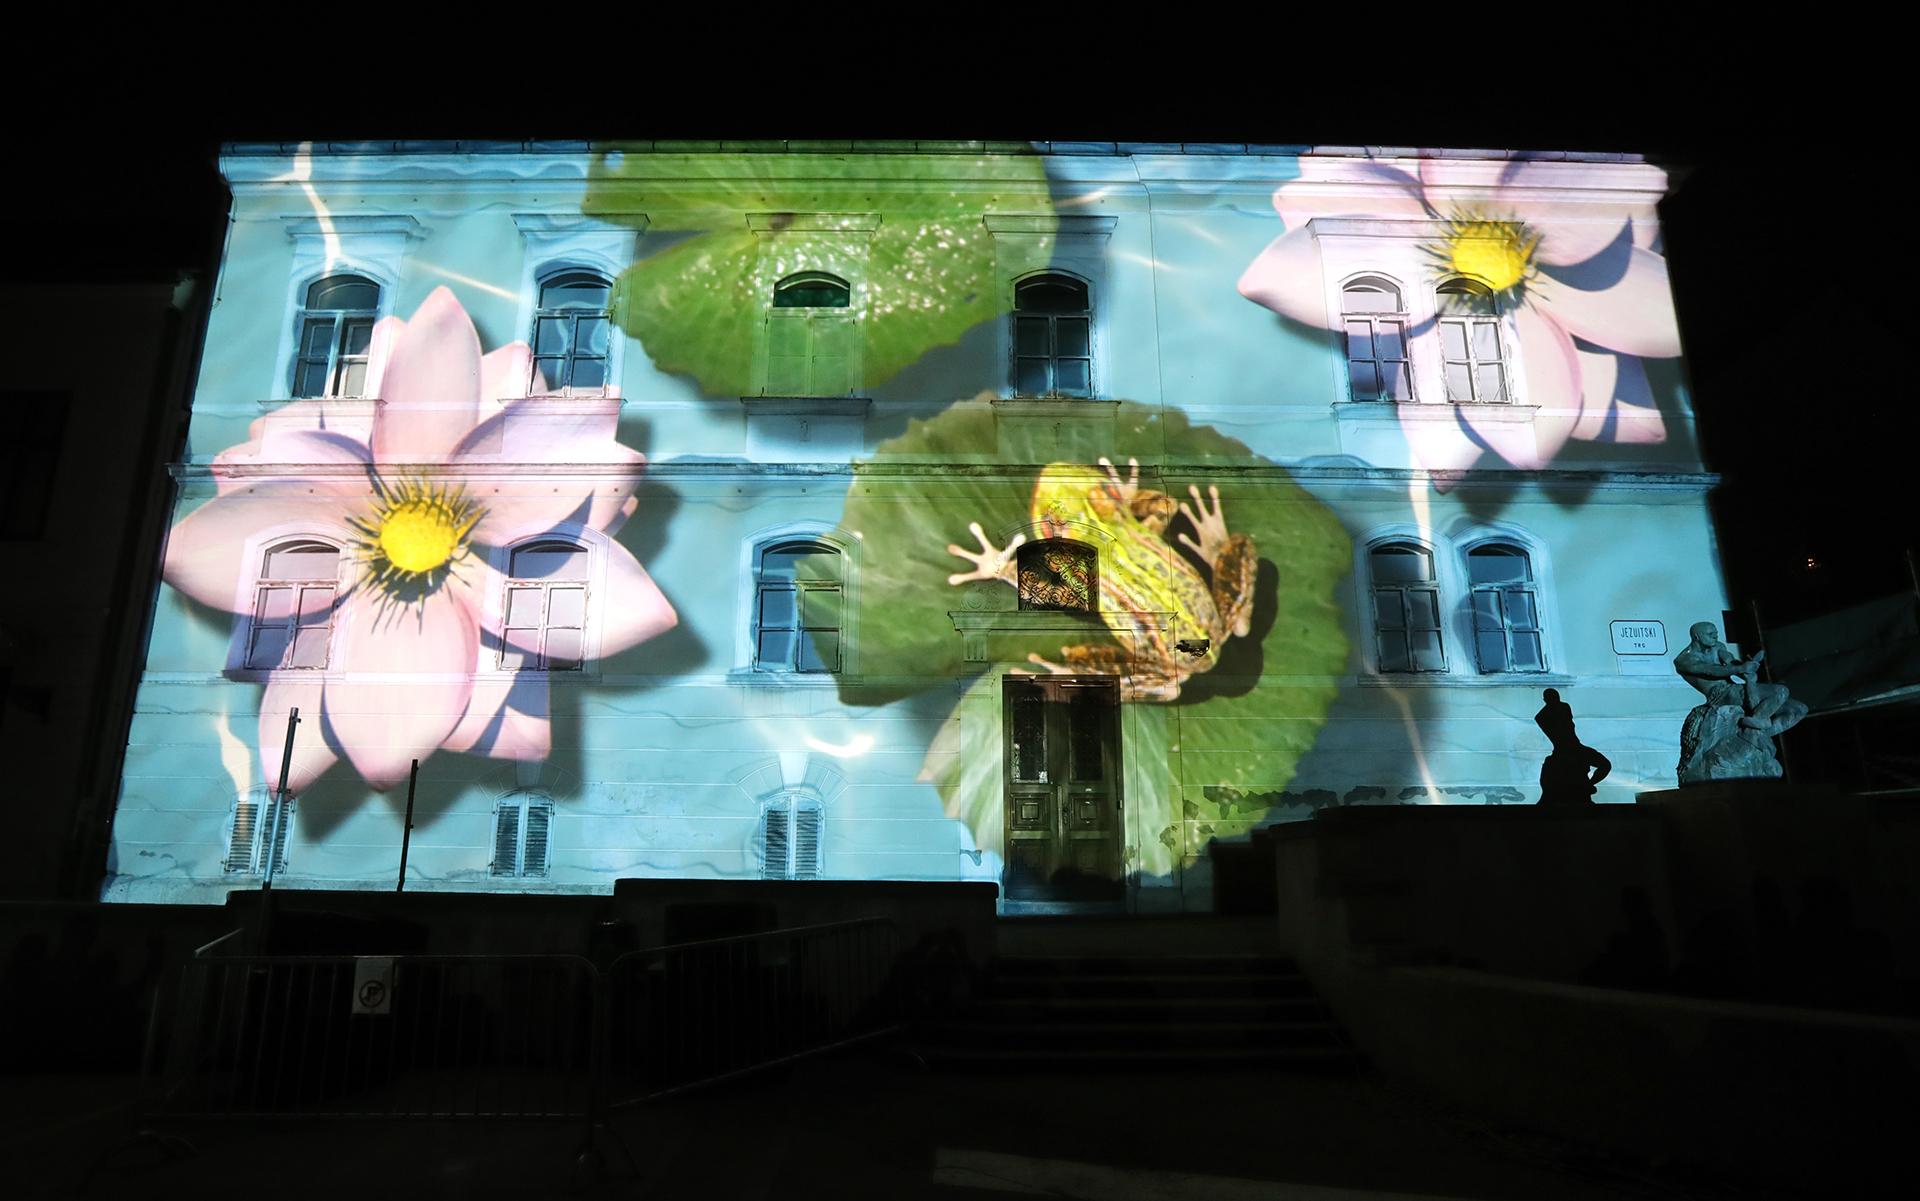 1-й Фестиваль света в Загребе, Хорватия, 16 марта 2017 года. EPA / ANTONIO BAT